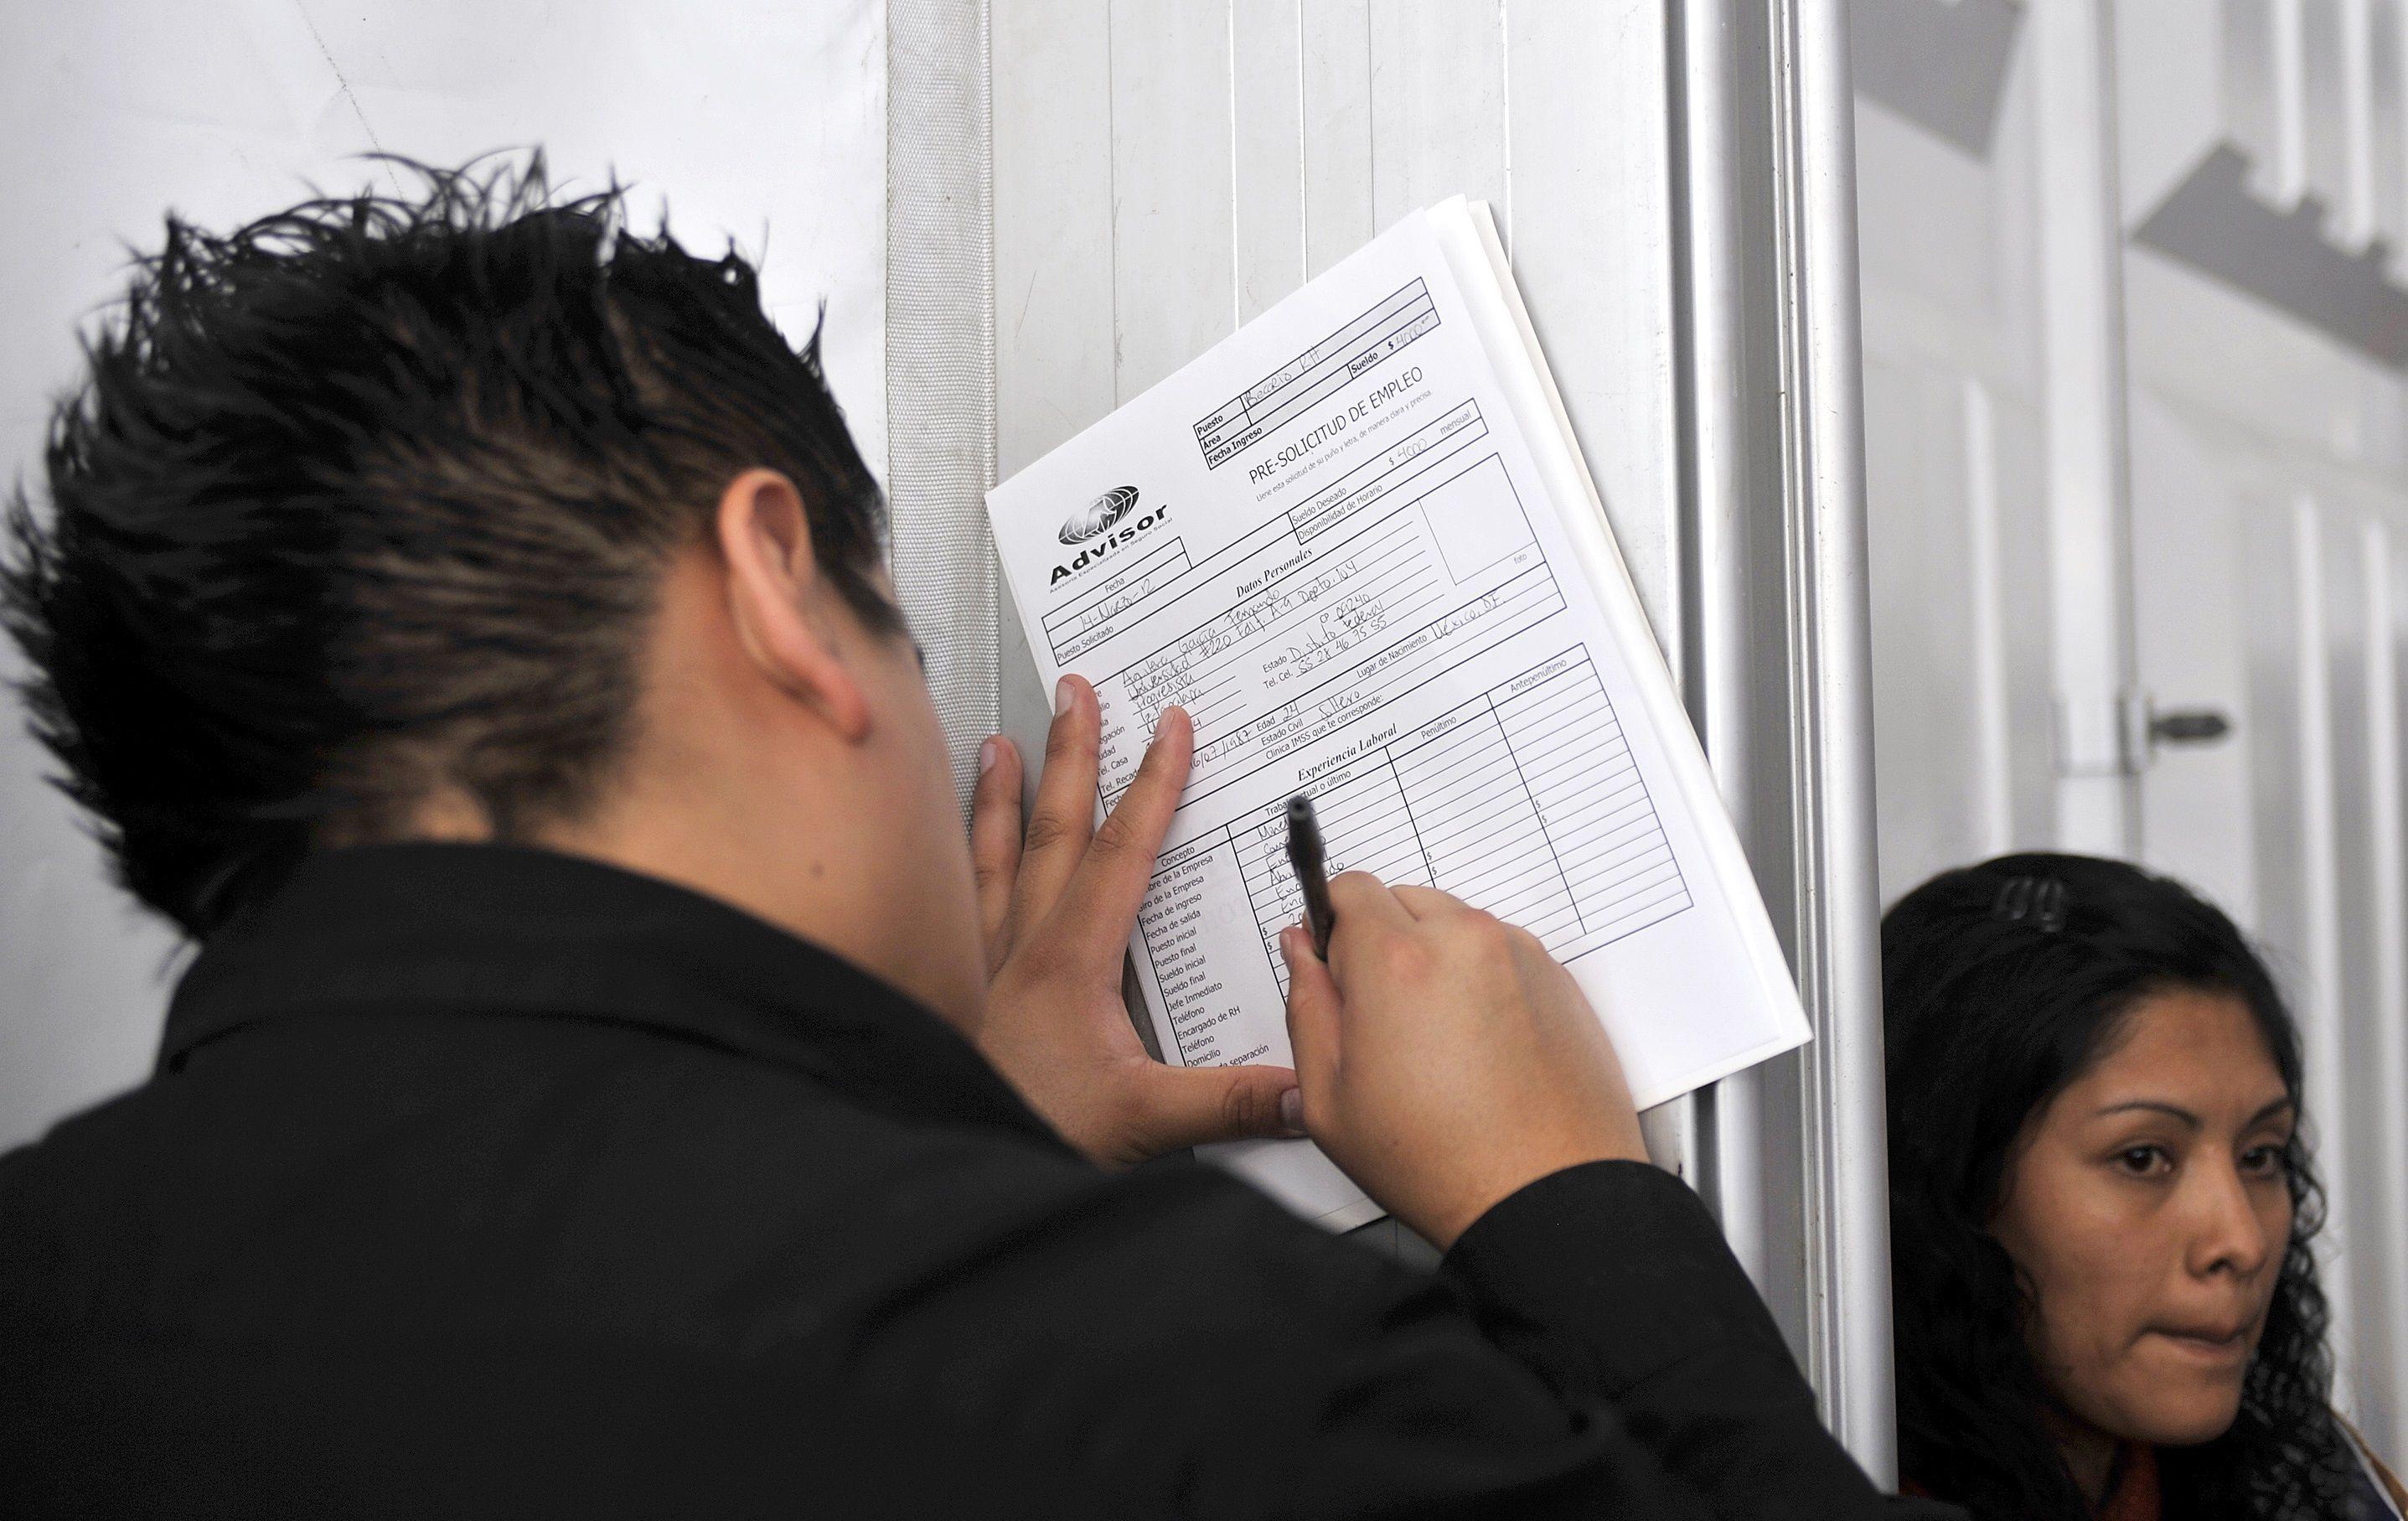 México ha perdido más de un millón de empleos desde el inicio de la epidemia de COVID-19 (Foto: Mario Guzmán/ EFE)